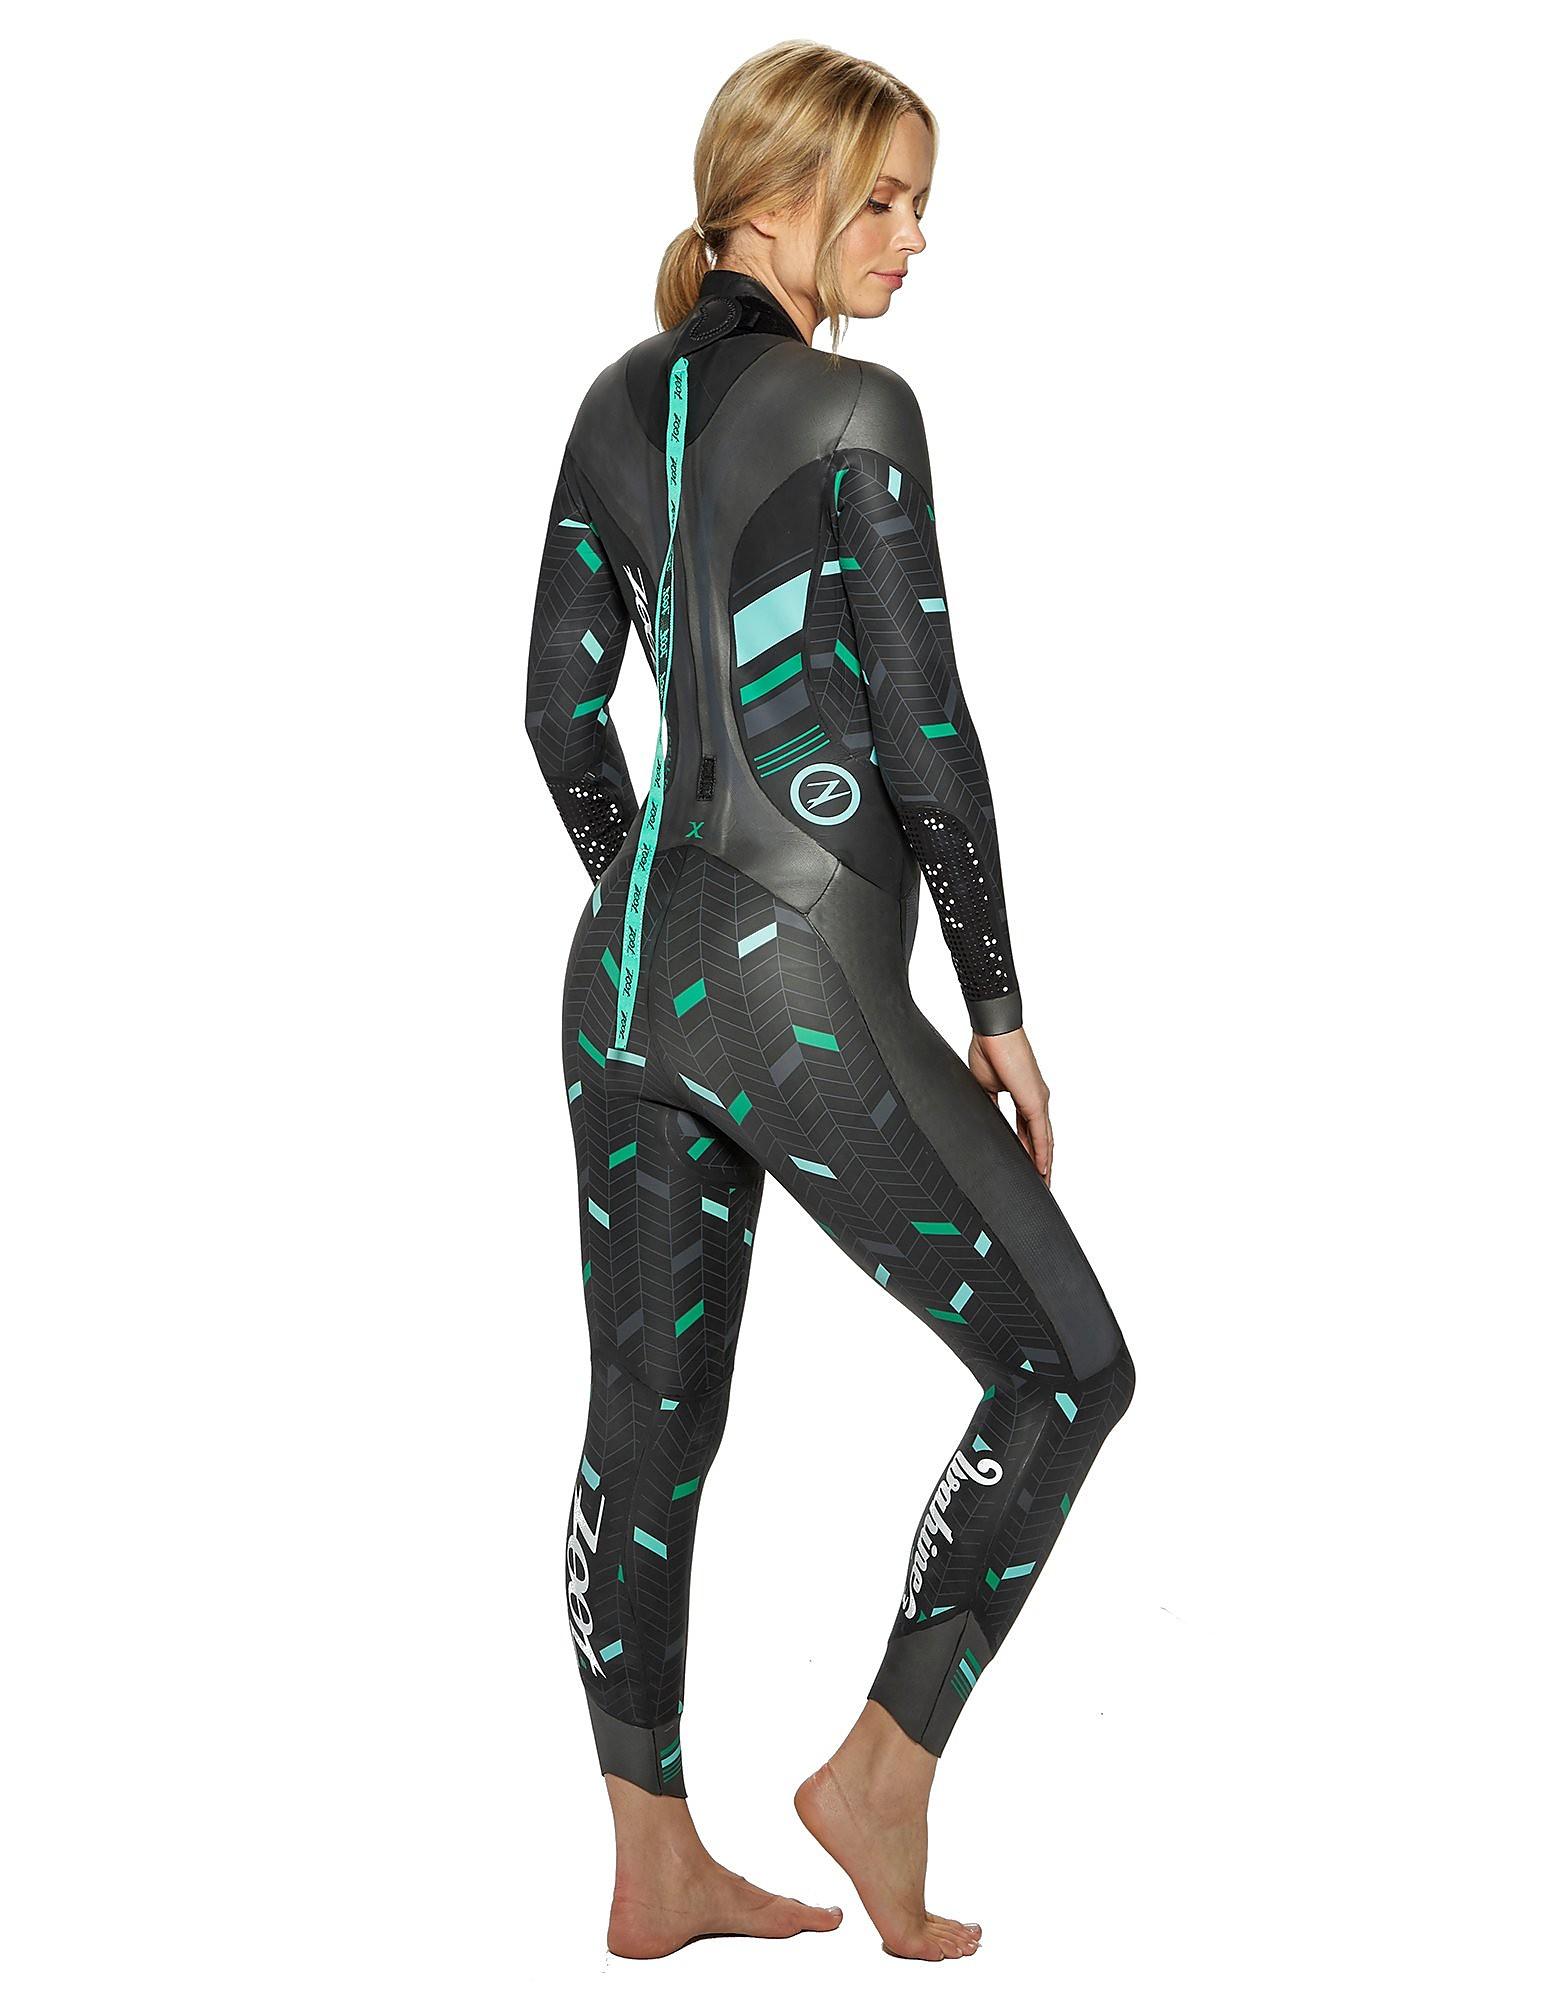 Zoot Wahine 3 Women's Wetsuit